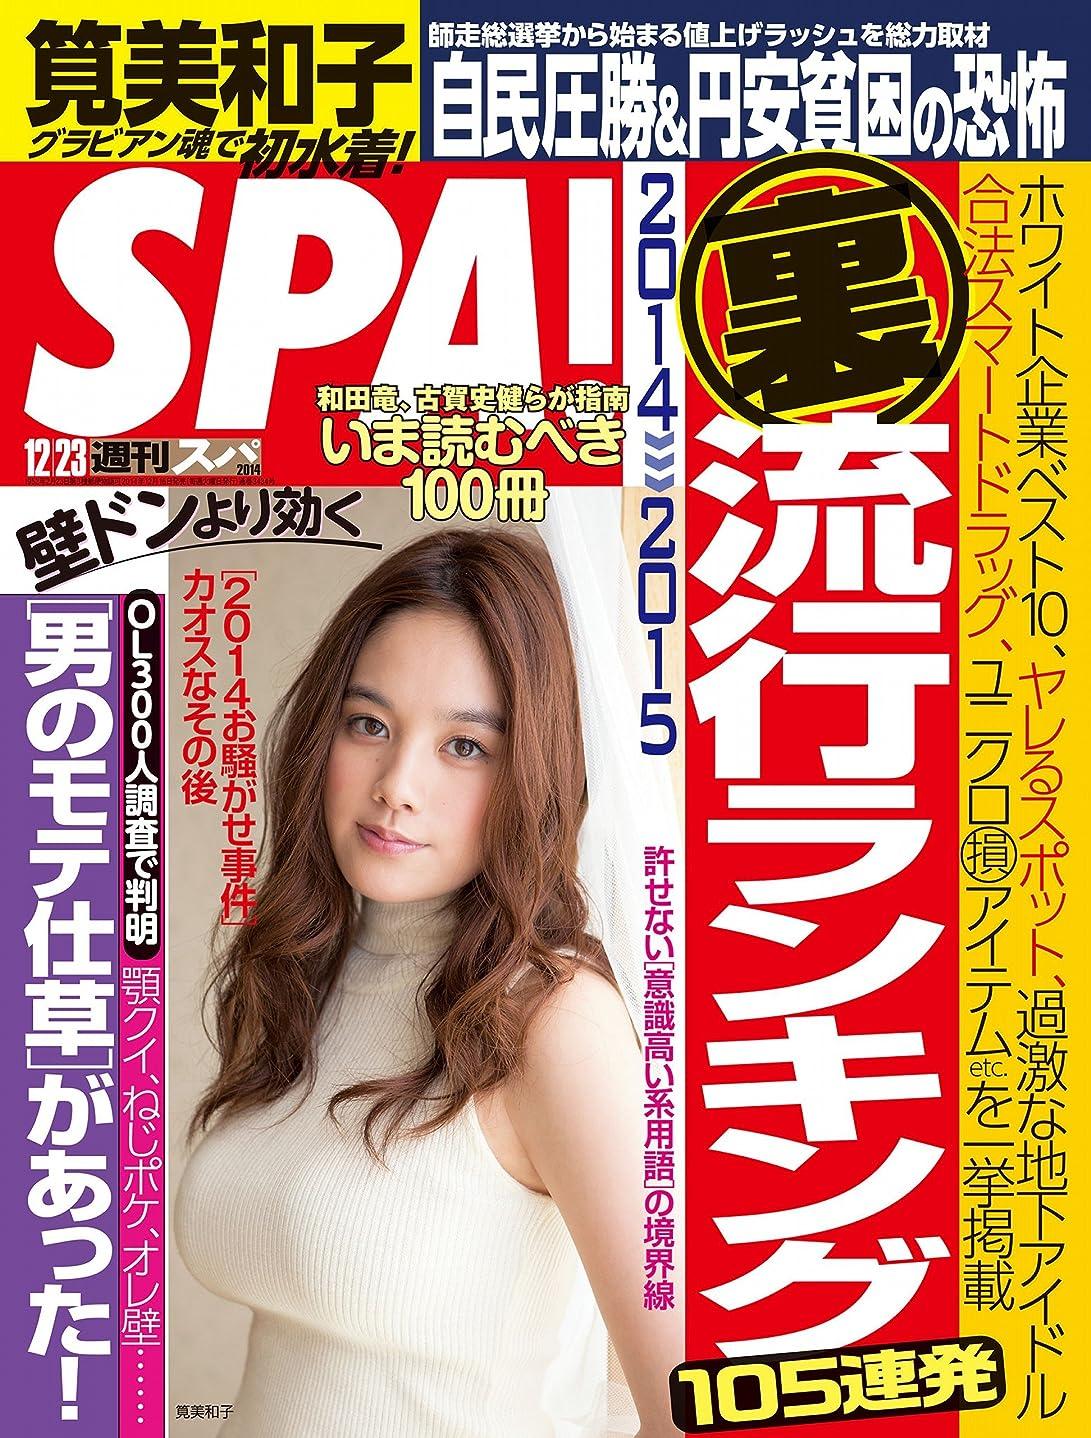 告白する探検分析する週刊SPA!(スパ) 2014 年 12/23 号 [雑誌] 週刊SPA! (デジタル雑誌)